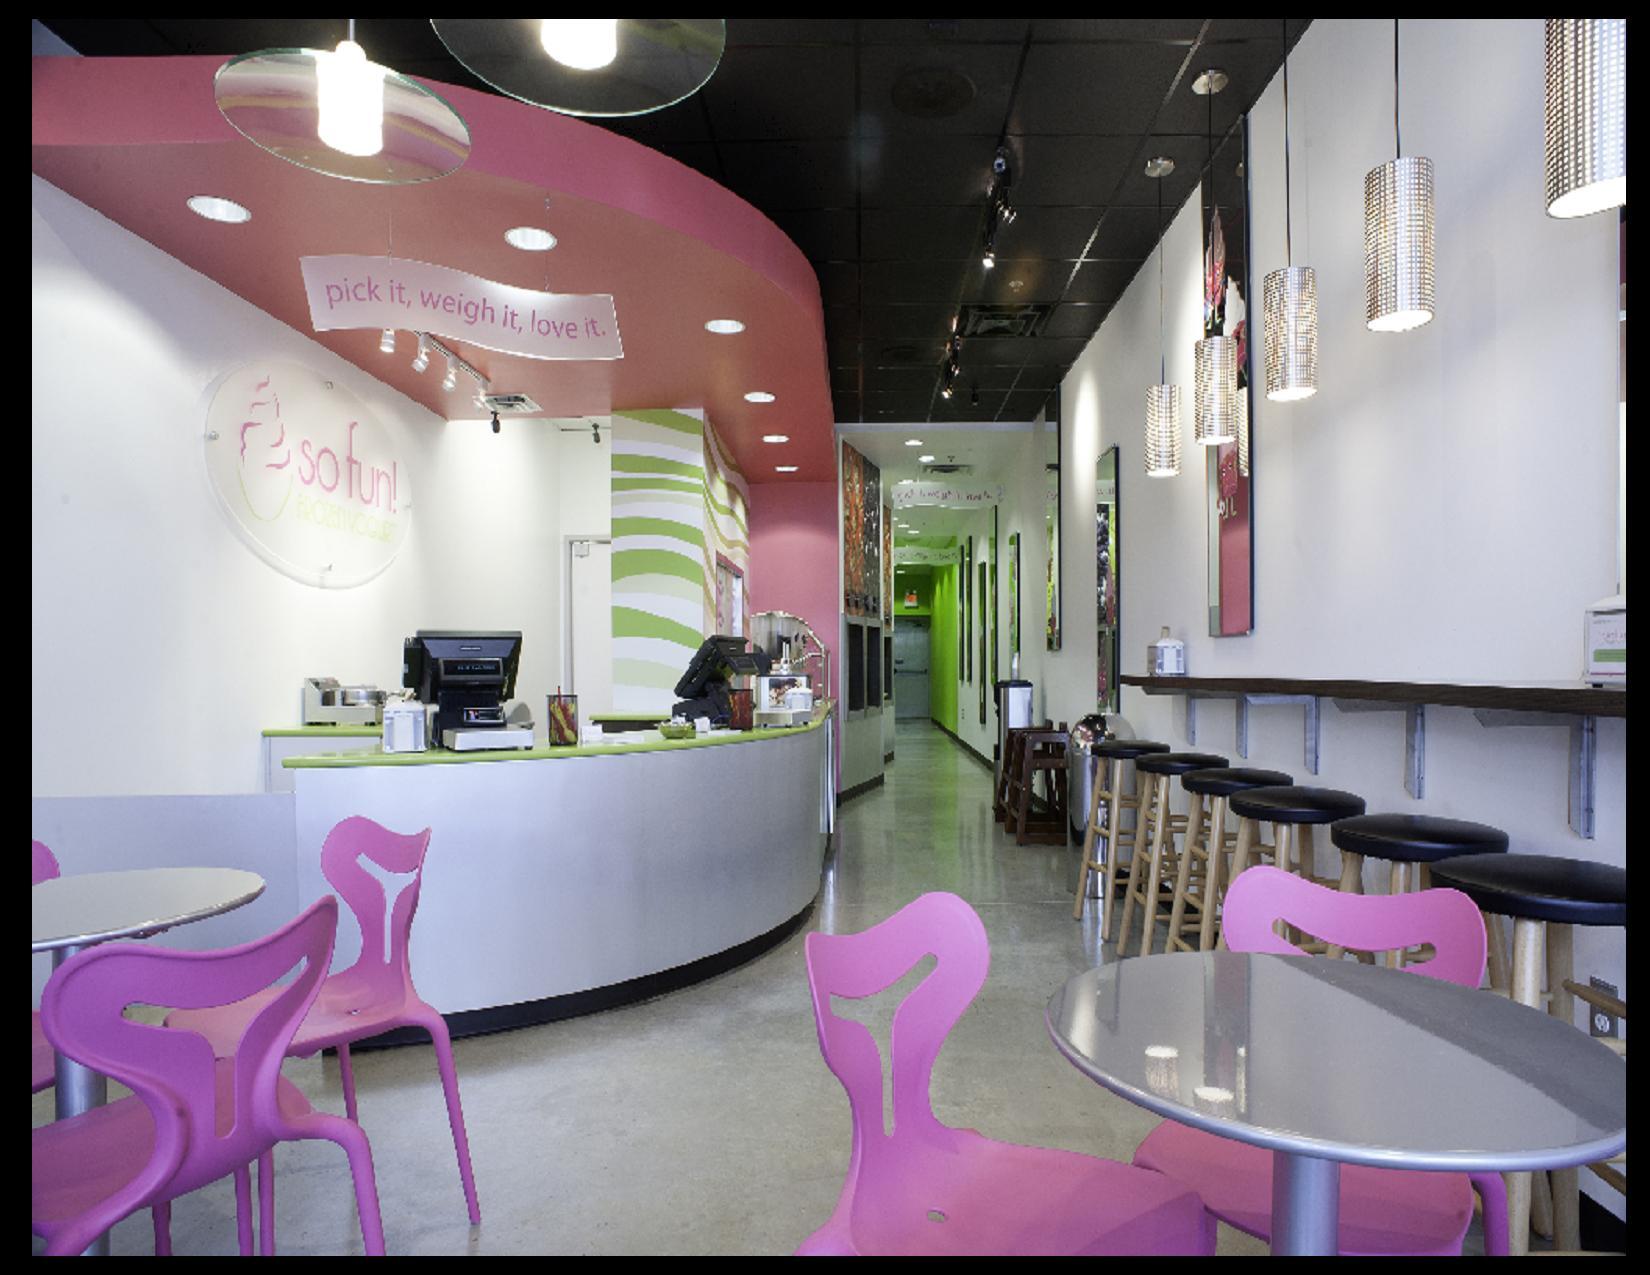 so fun ice cream shop